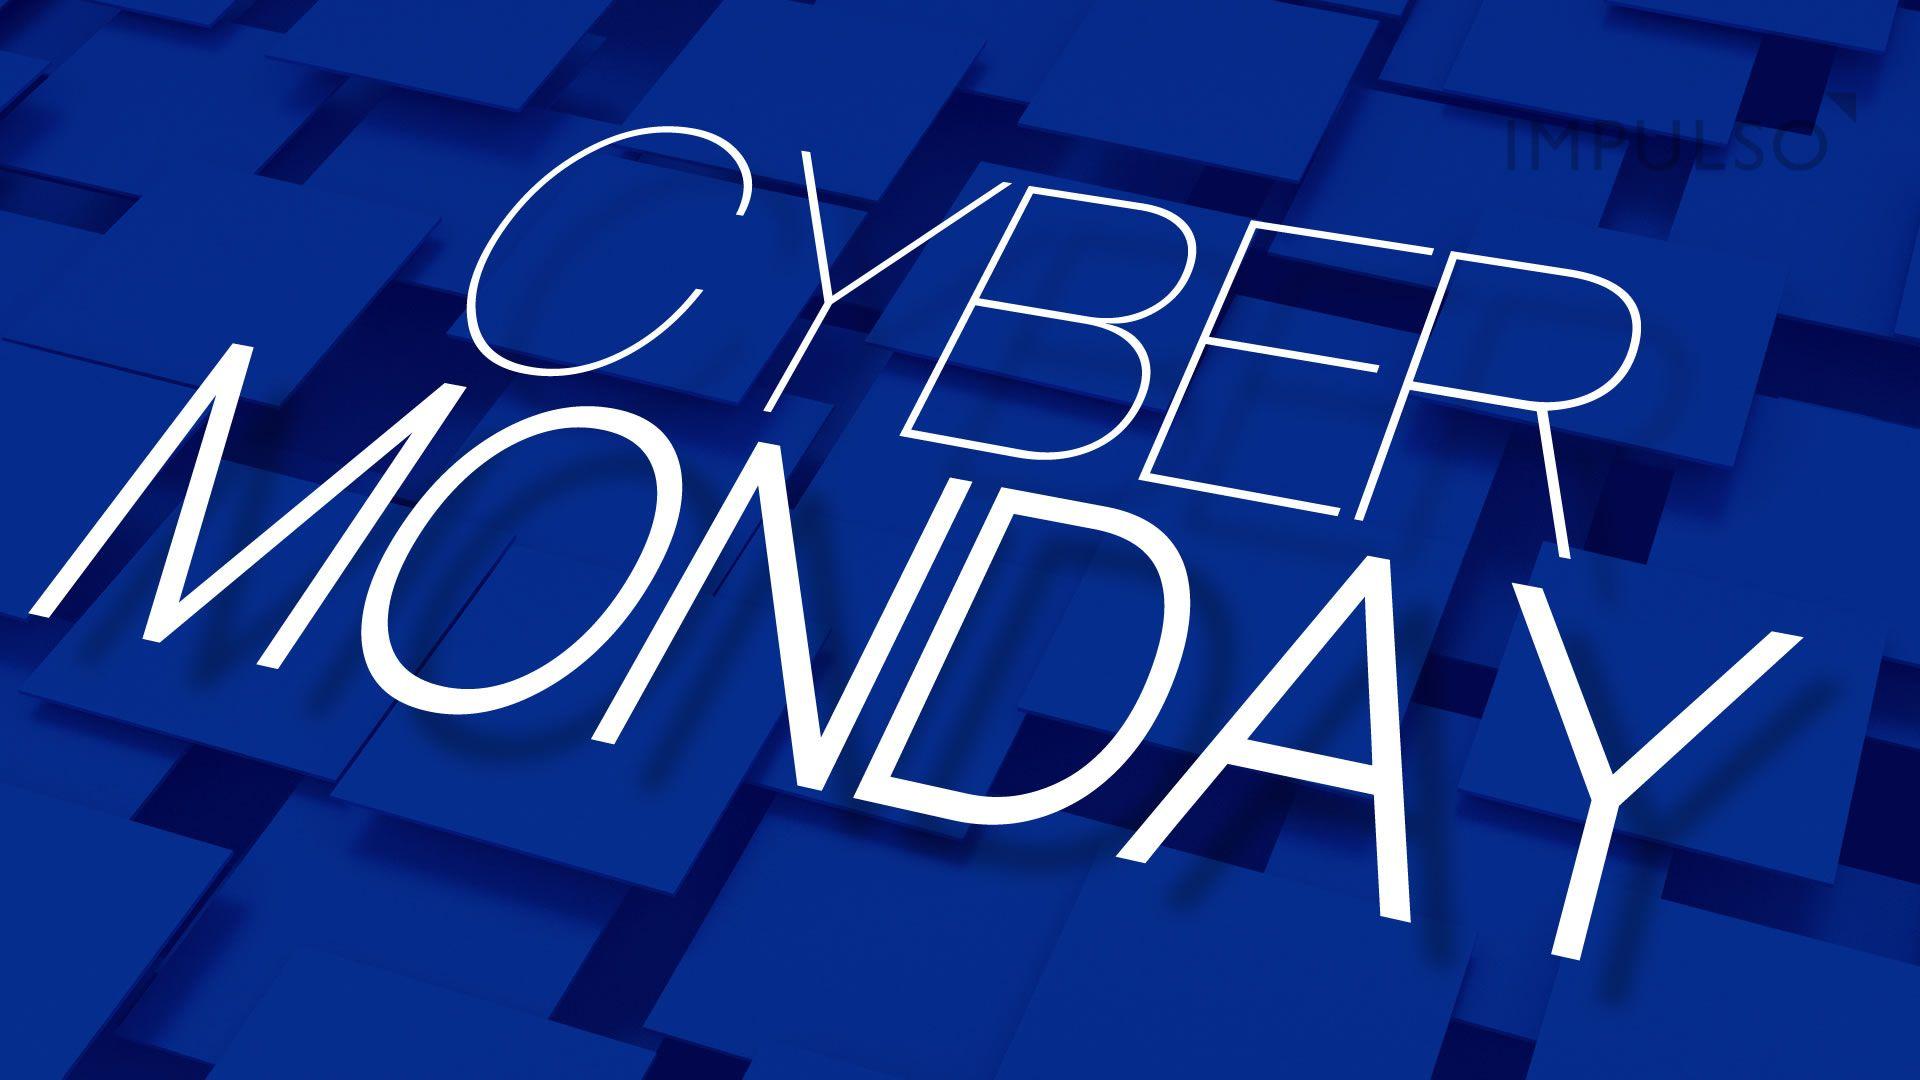 {altText(Las ventajas de comprar en el #CyberMonday,#CyberMonday: ¿Cuáles son las ventajas de comprar los días de descuento?)}